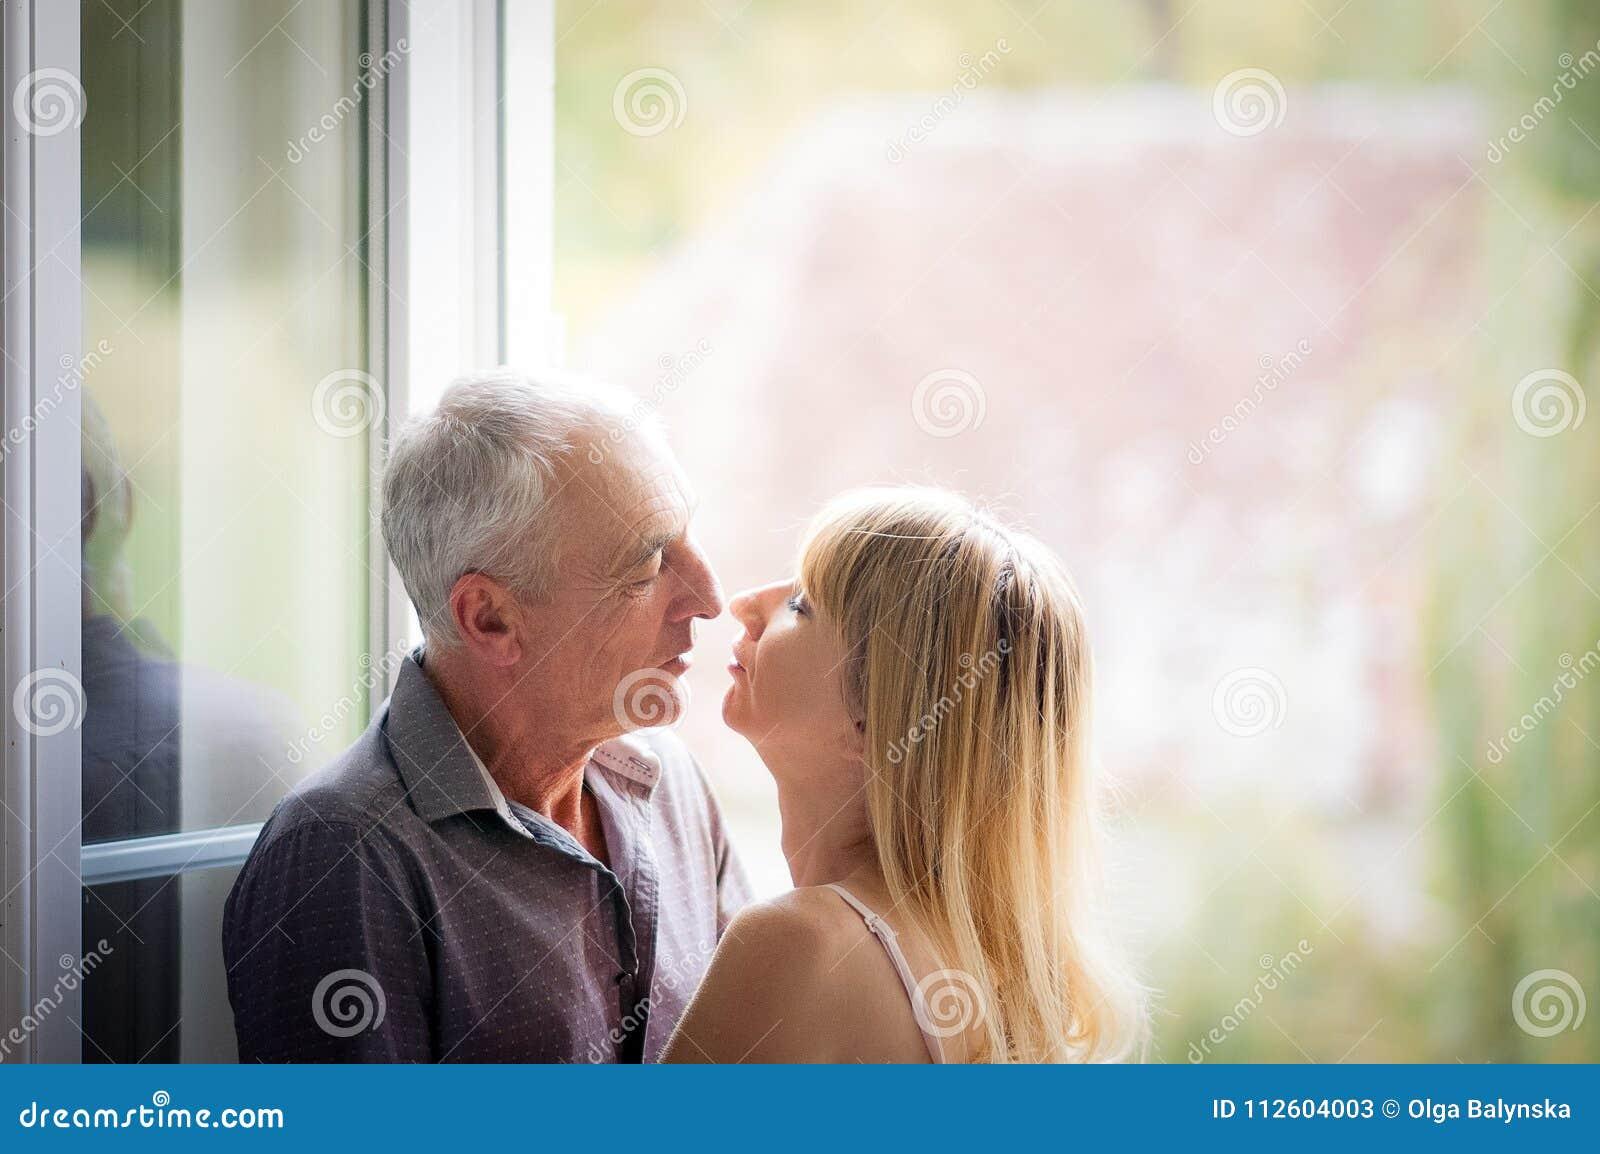 Berechnung für Altersunterschied in der Datierung